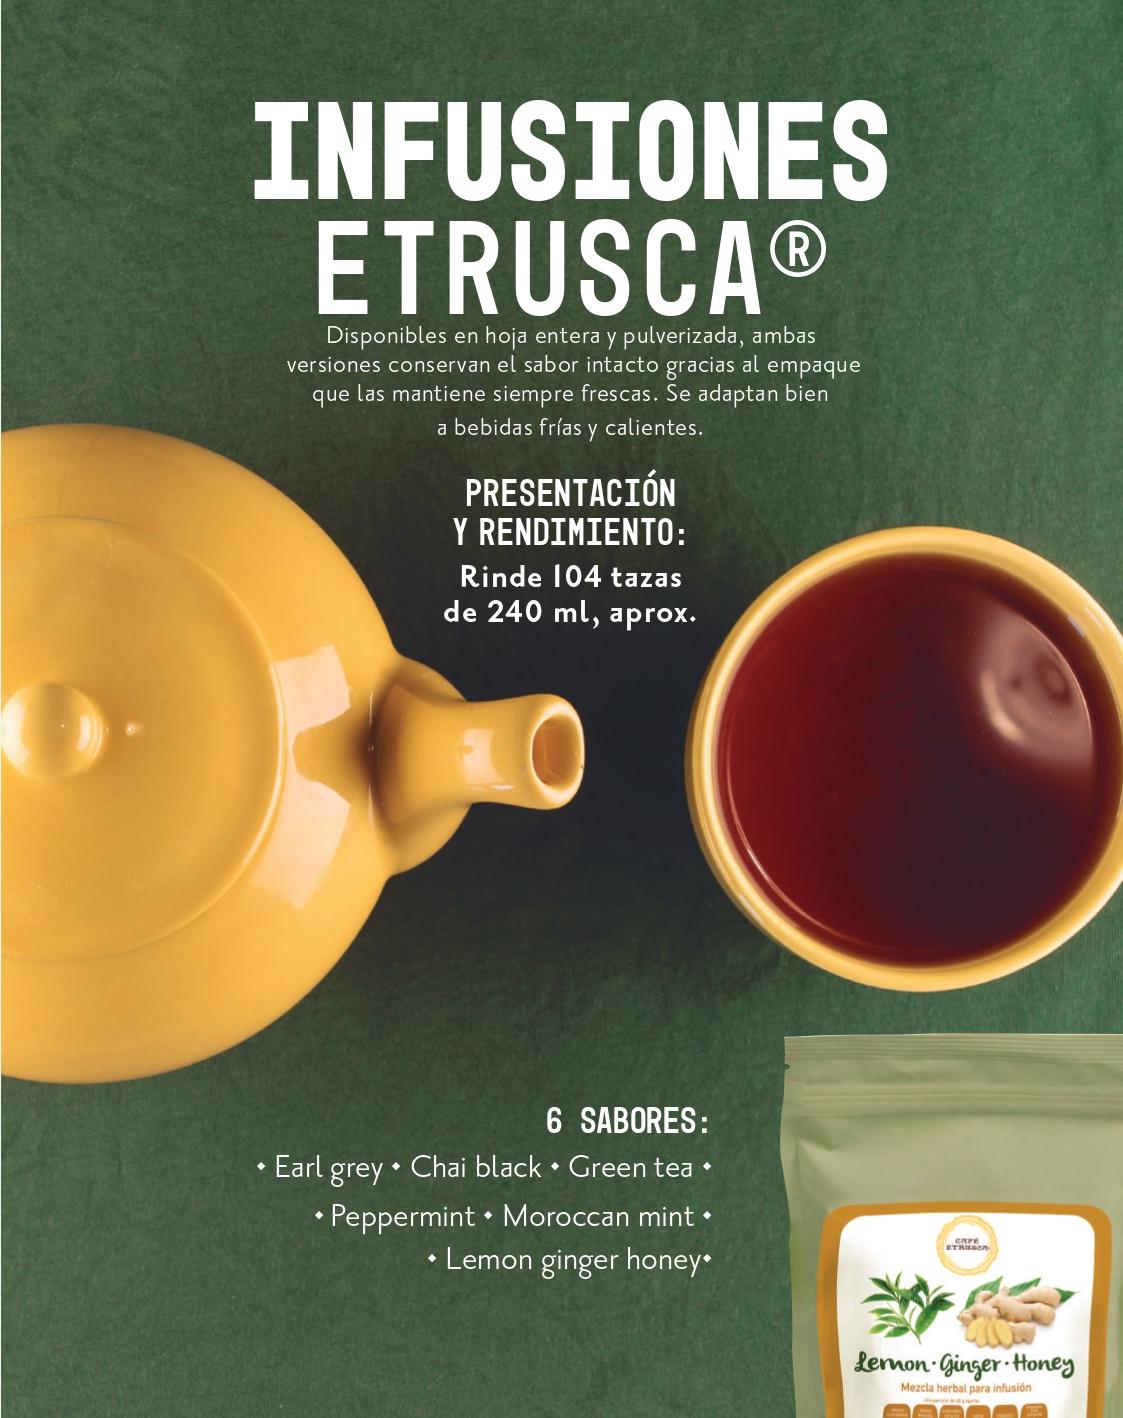 Infusiones Etrusca 01